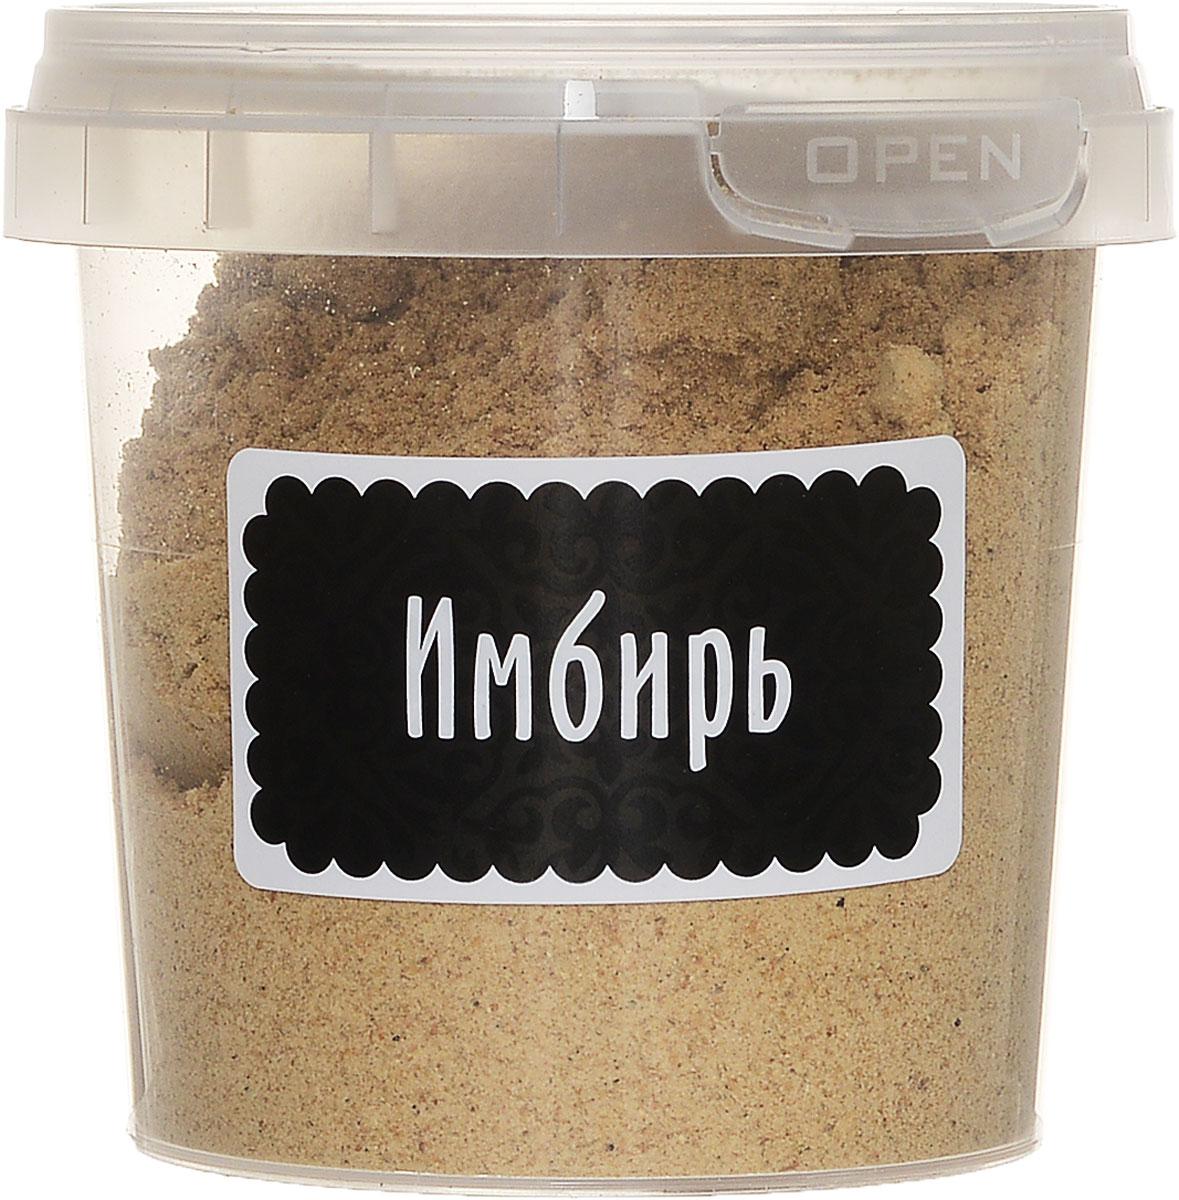 Компас Здоровья Имбирь сушеный порошок, 55 г0120710Имбирь - универсальная специя, которую добавляют в самые разные блюда и напитки. Он имеет жгучий тёплый вкус, поэтому его добавляют для придания блюдам остроты.В основном имбирь популярен благодаря своим вкусовым качествам, но также он имеет целый ряд очень полезных свойств.